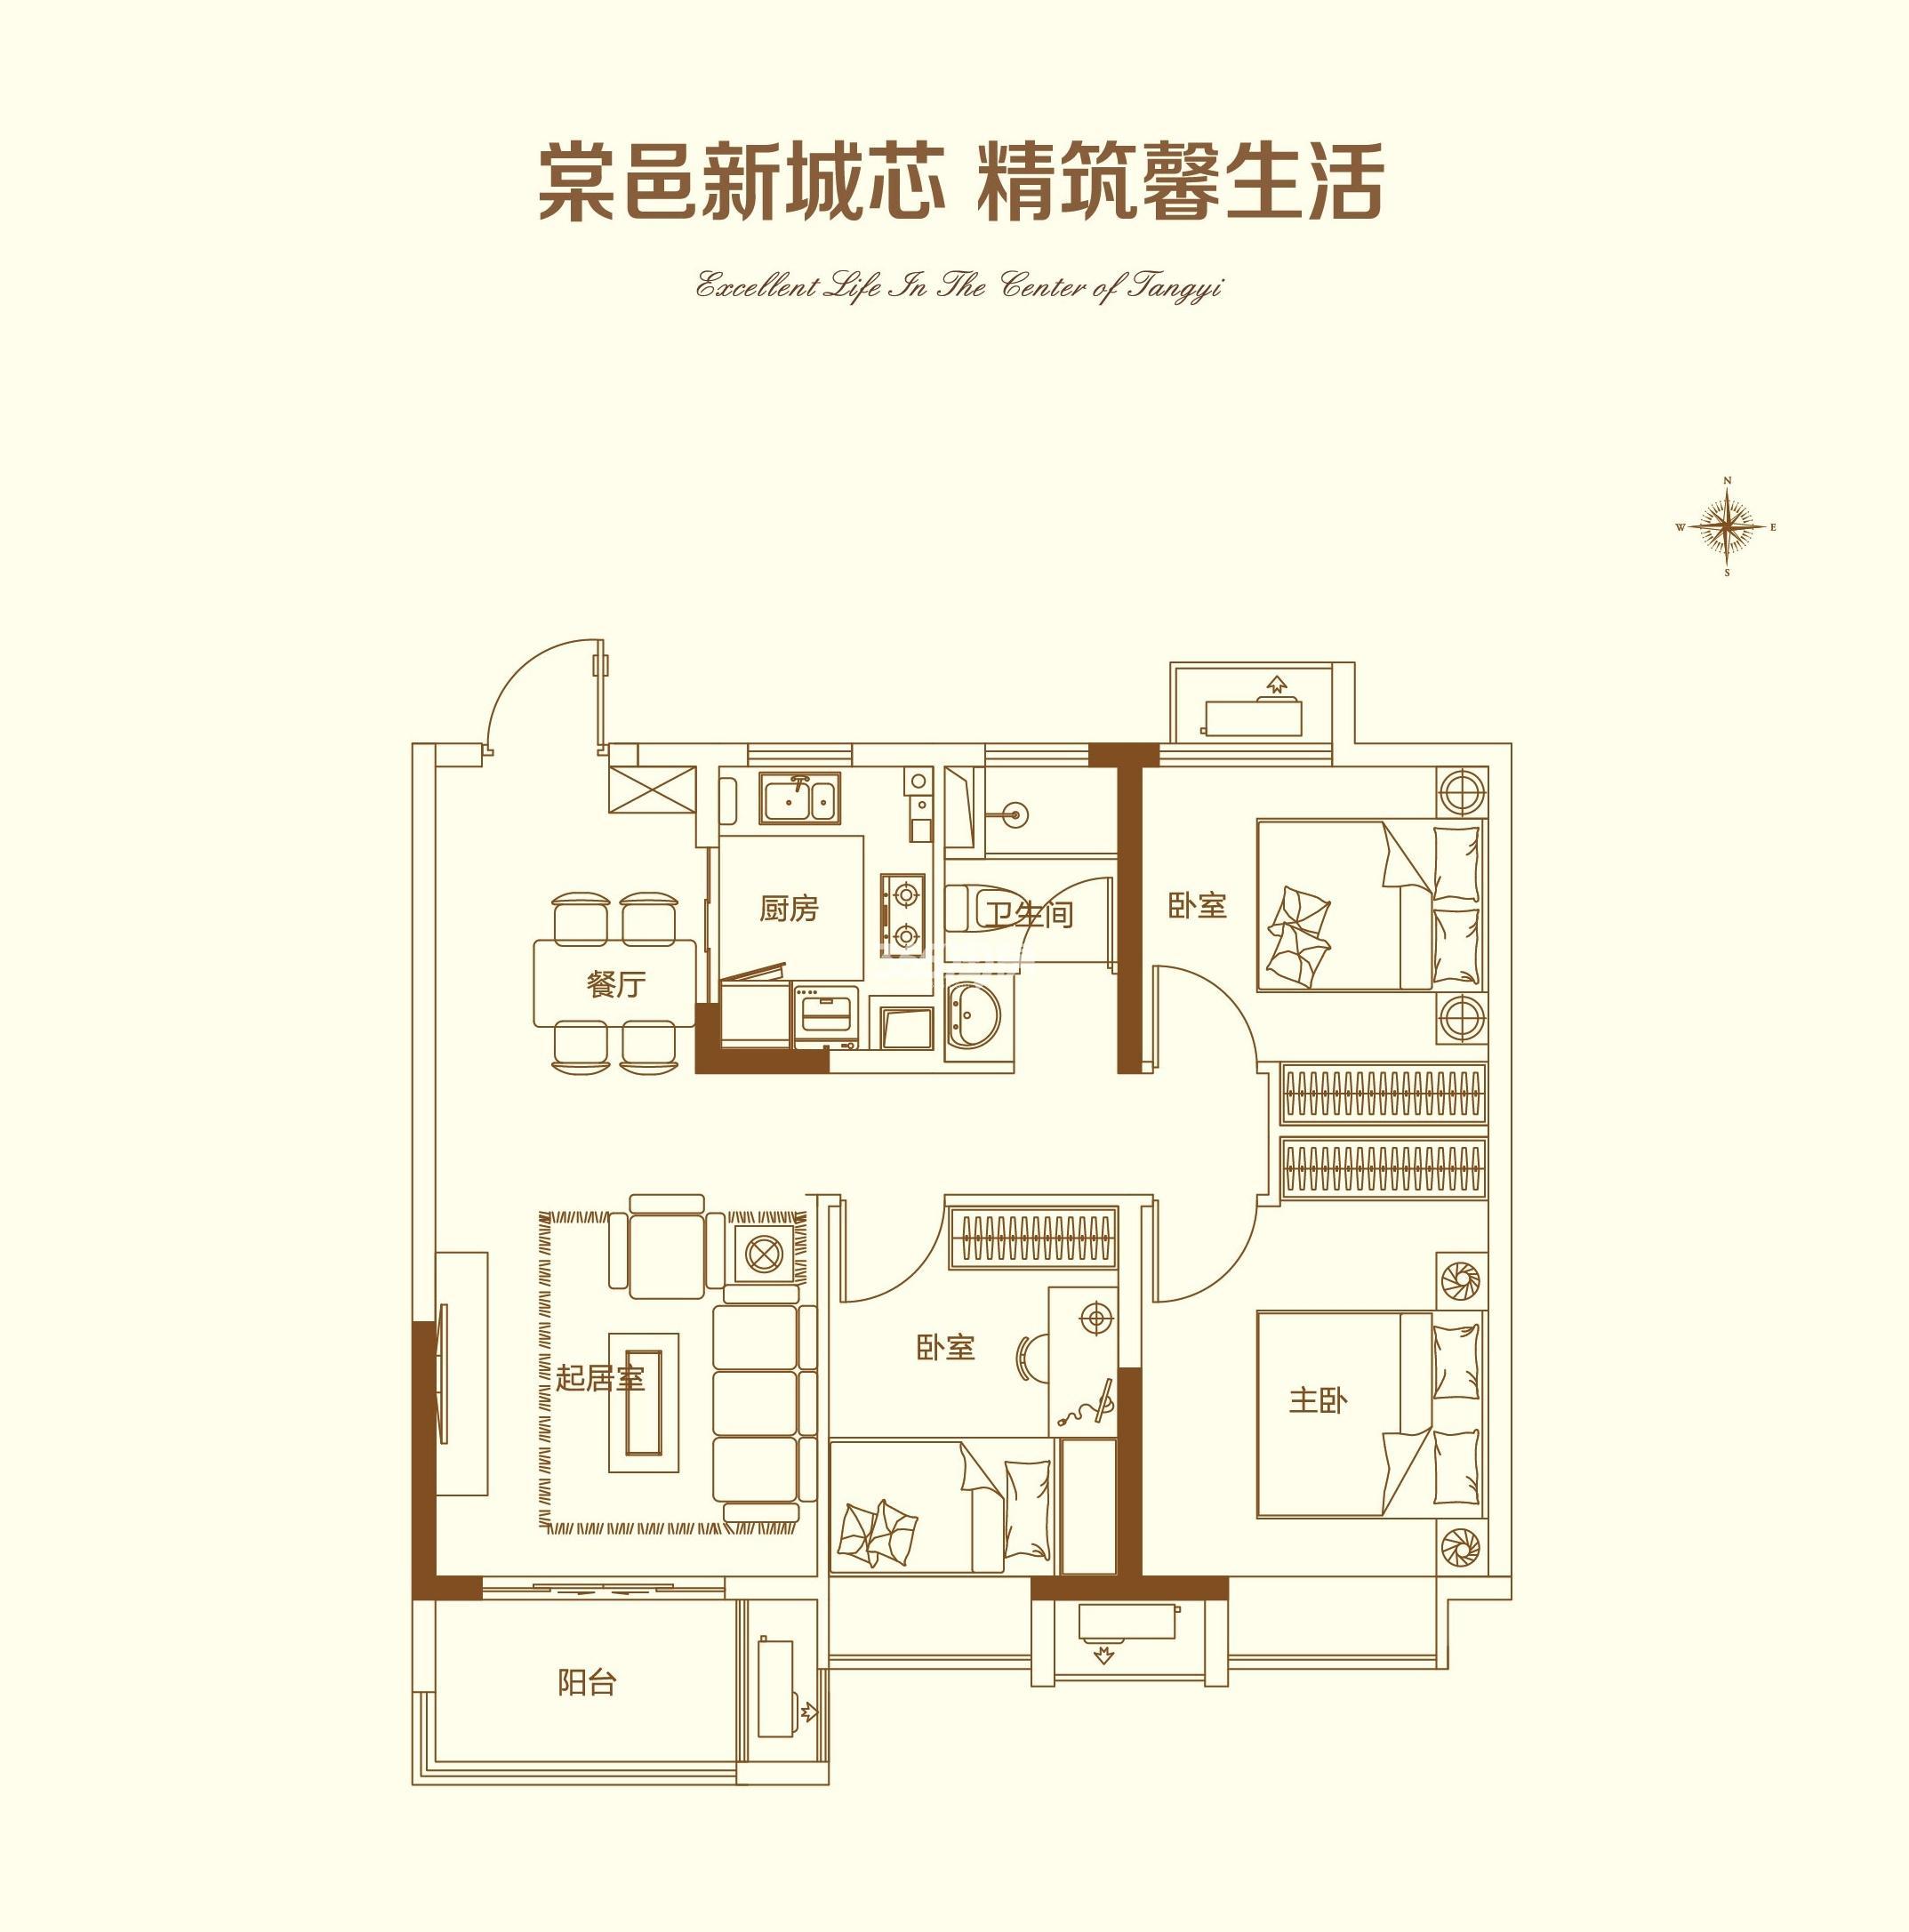 荣盛茉湖书苑89㎡B2三室两厅户型